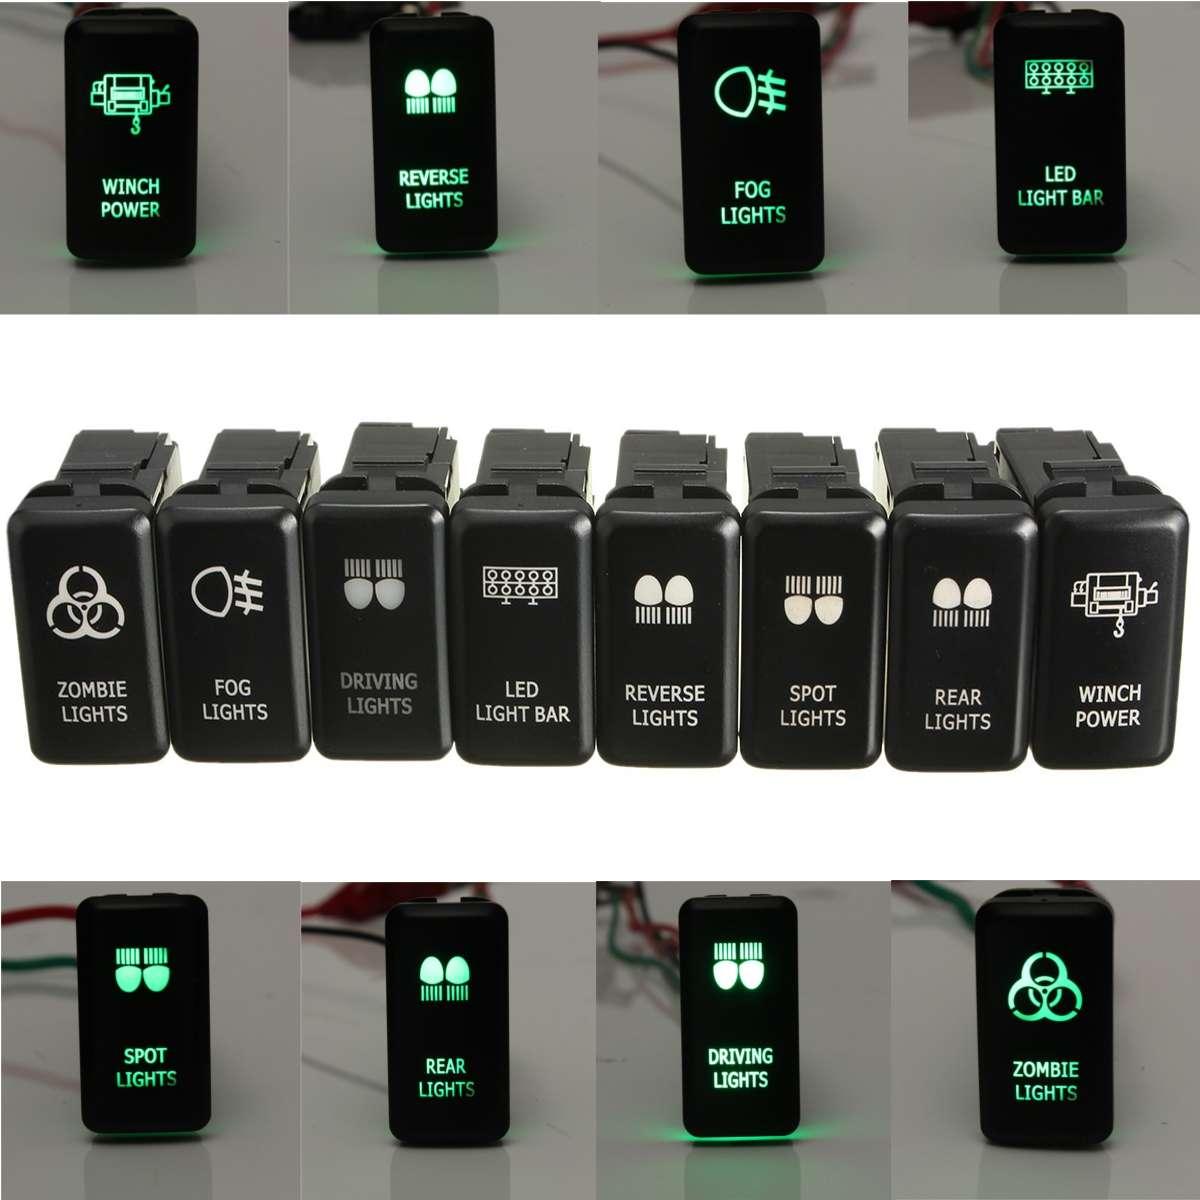 12V zielony LED OEM wymiana przełącznik wciskany dla toyota landcruiser Hilux Prado 120 SERIES 2003-2009 listwa świetlna LED światło drogowe